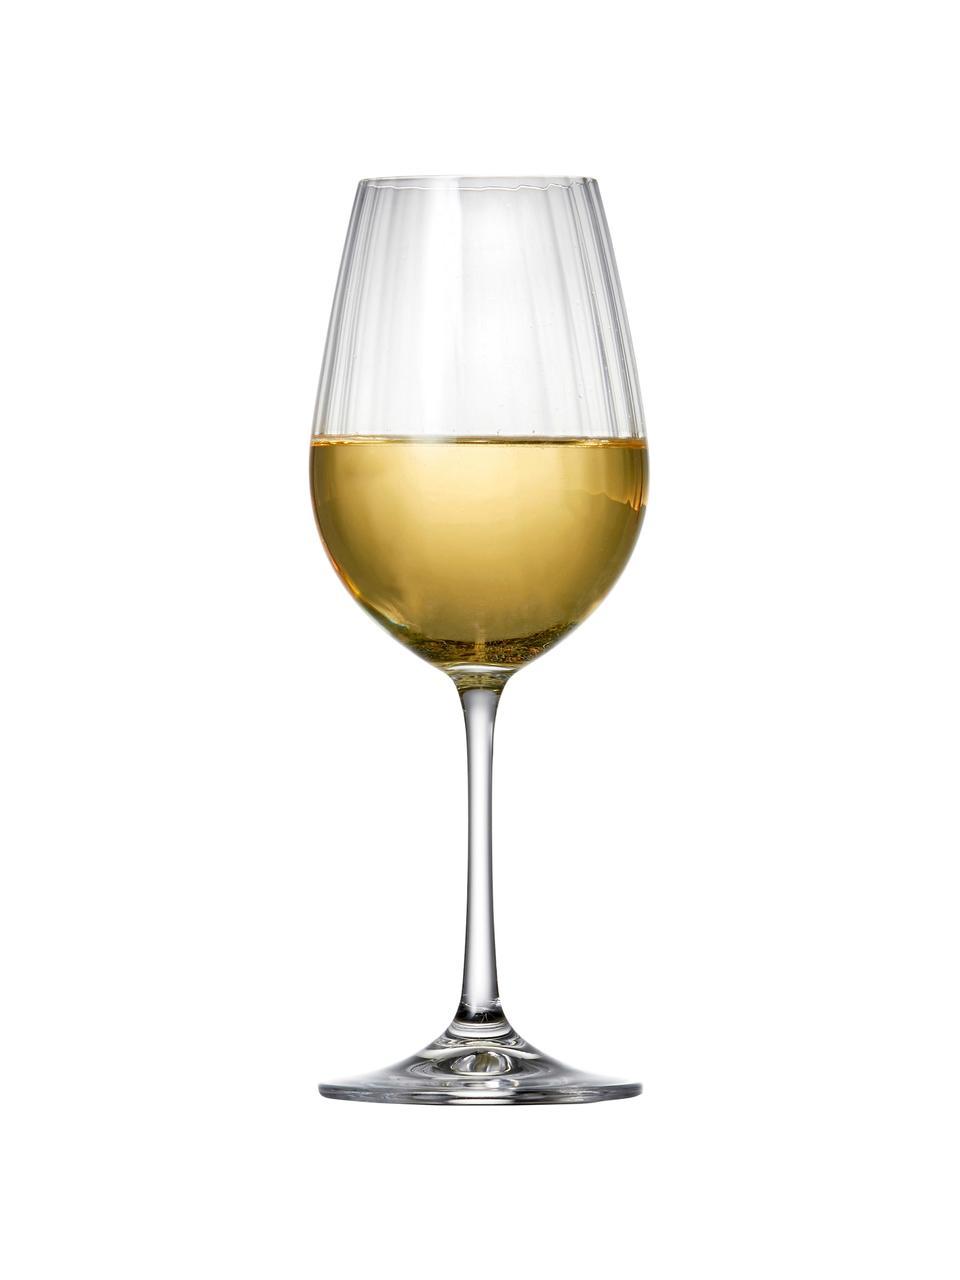 Kryształowy kieliszek do czerwonego wina Romance, 6 szt., Szkło kryształowe, Transparentny, Ø 9 x W 22 cm